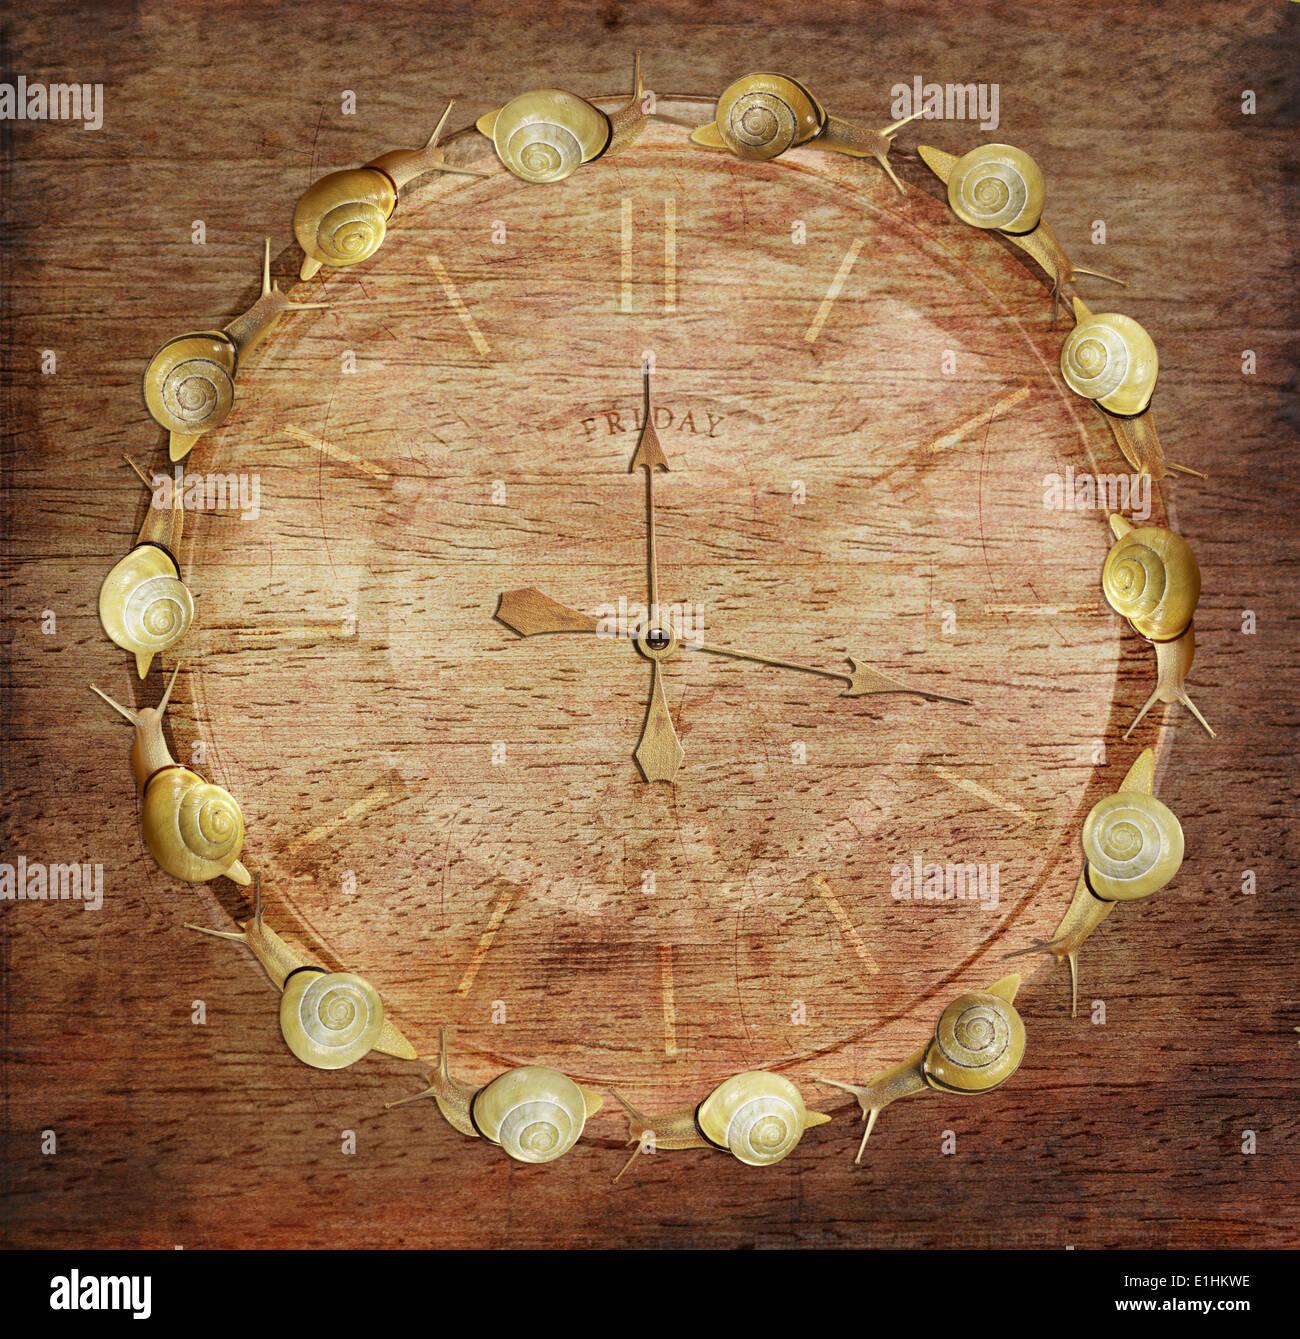 La lentitud del tiempo. Reloj retro con caracoles de madera. El concepto de arte Imagen De Stock